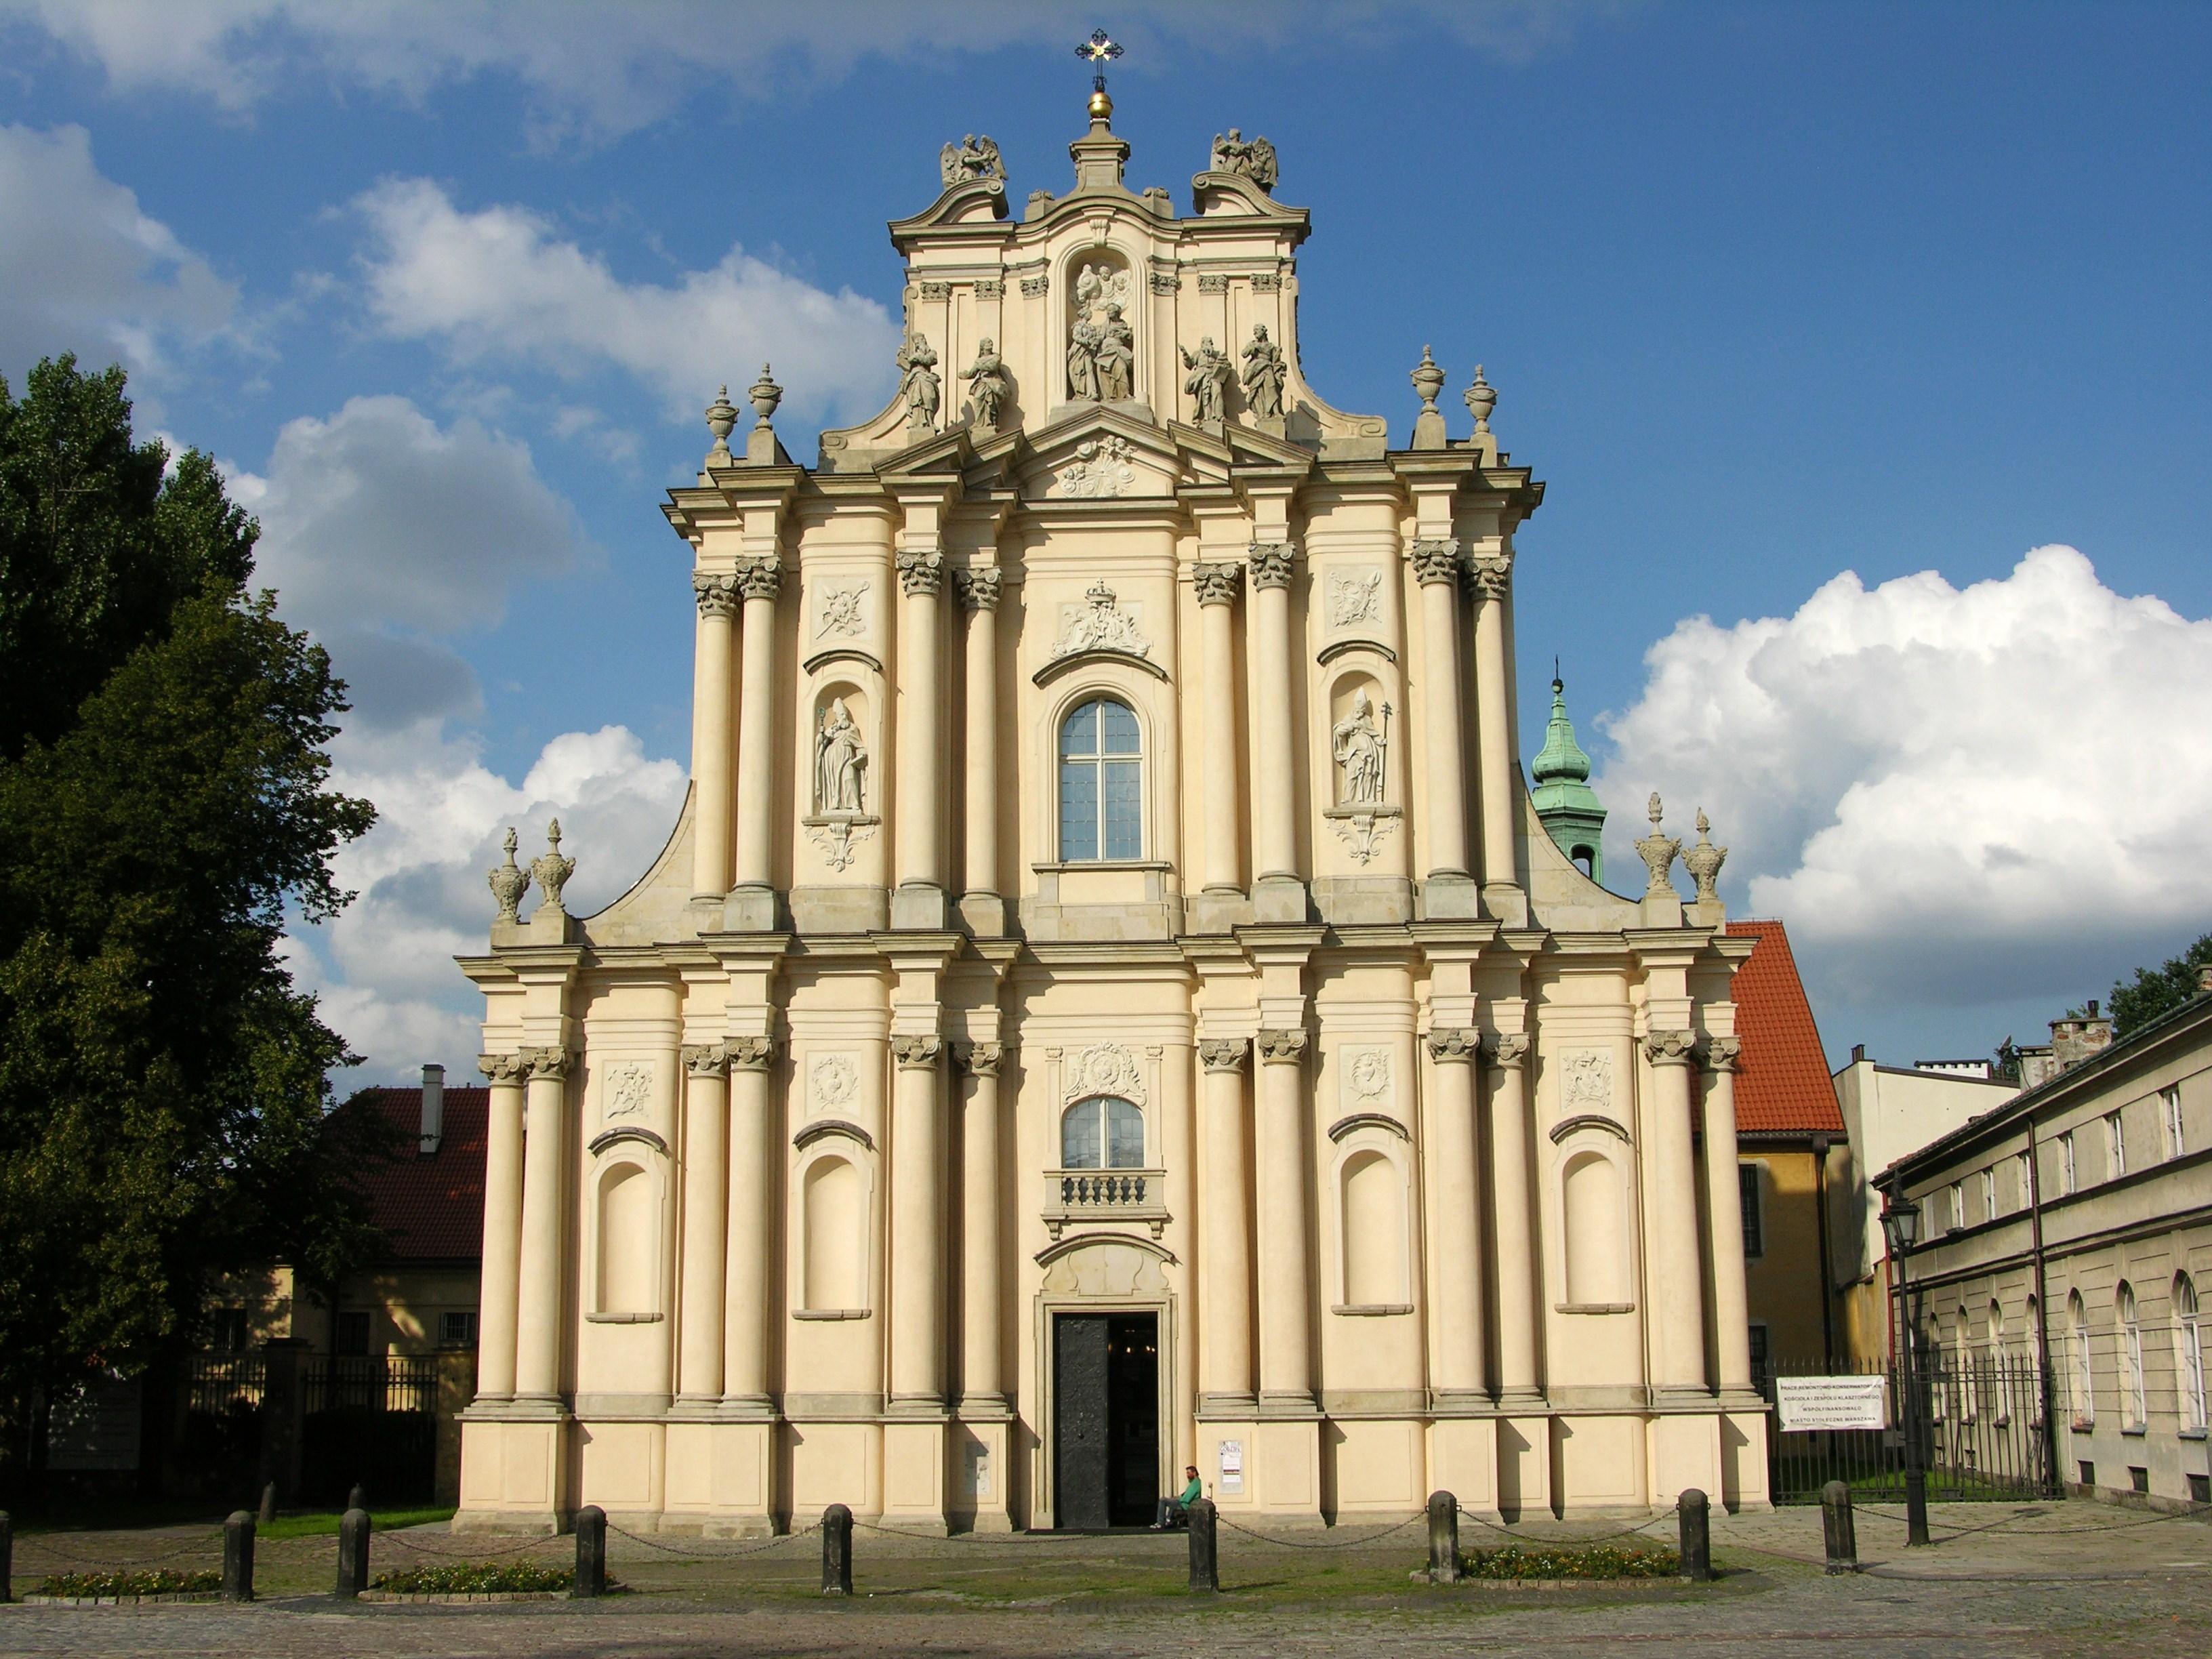 Kościół św. Józefa Oblubieńca Najświętszej Maryi Panny na Krakowskim Przedmieściu